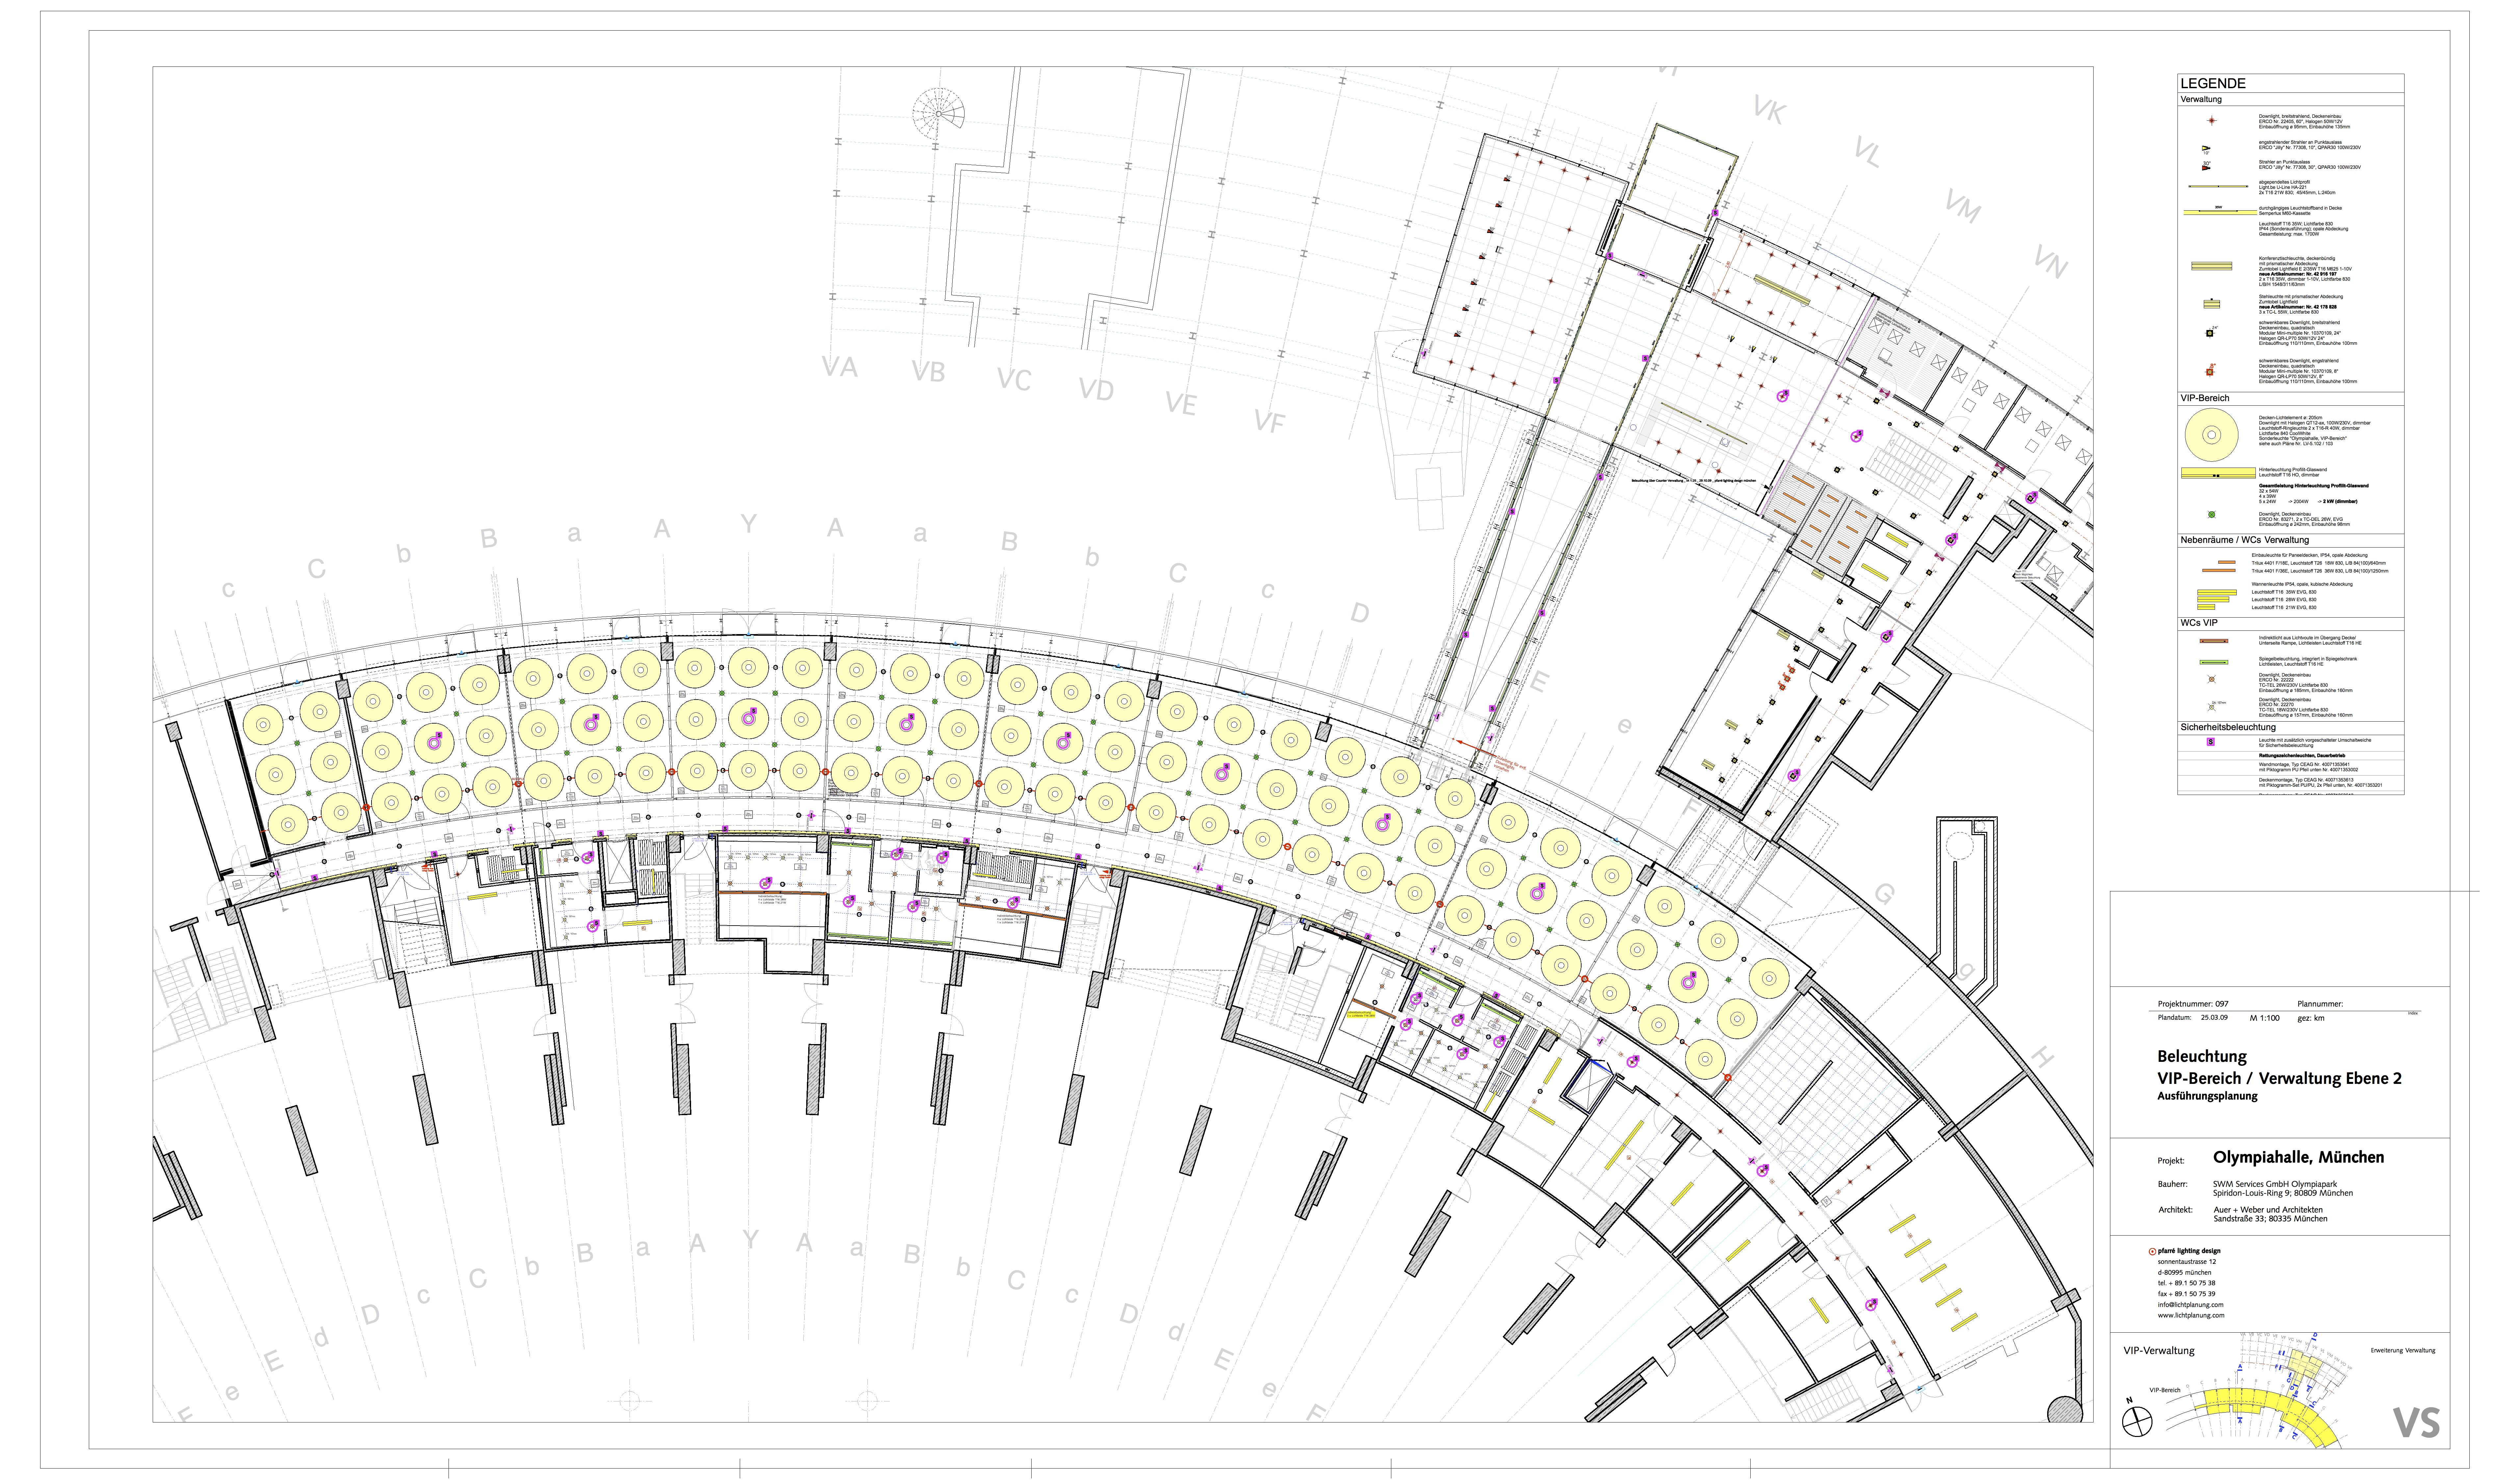 Conhecido Galeria de Projeto de Iluminação: Business Area, Olympic Hall  CF26